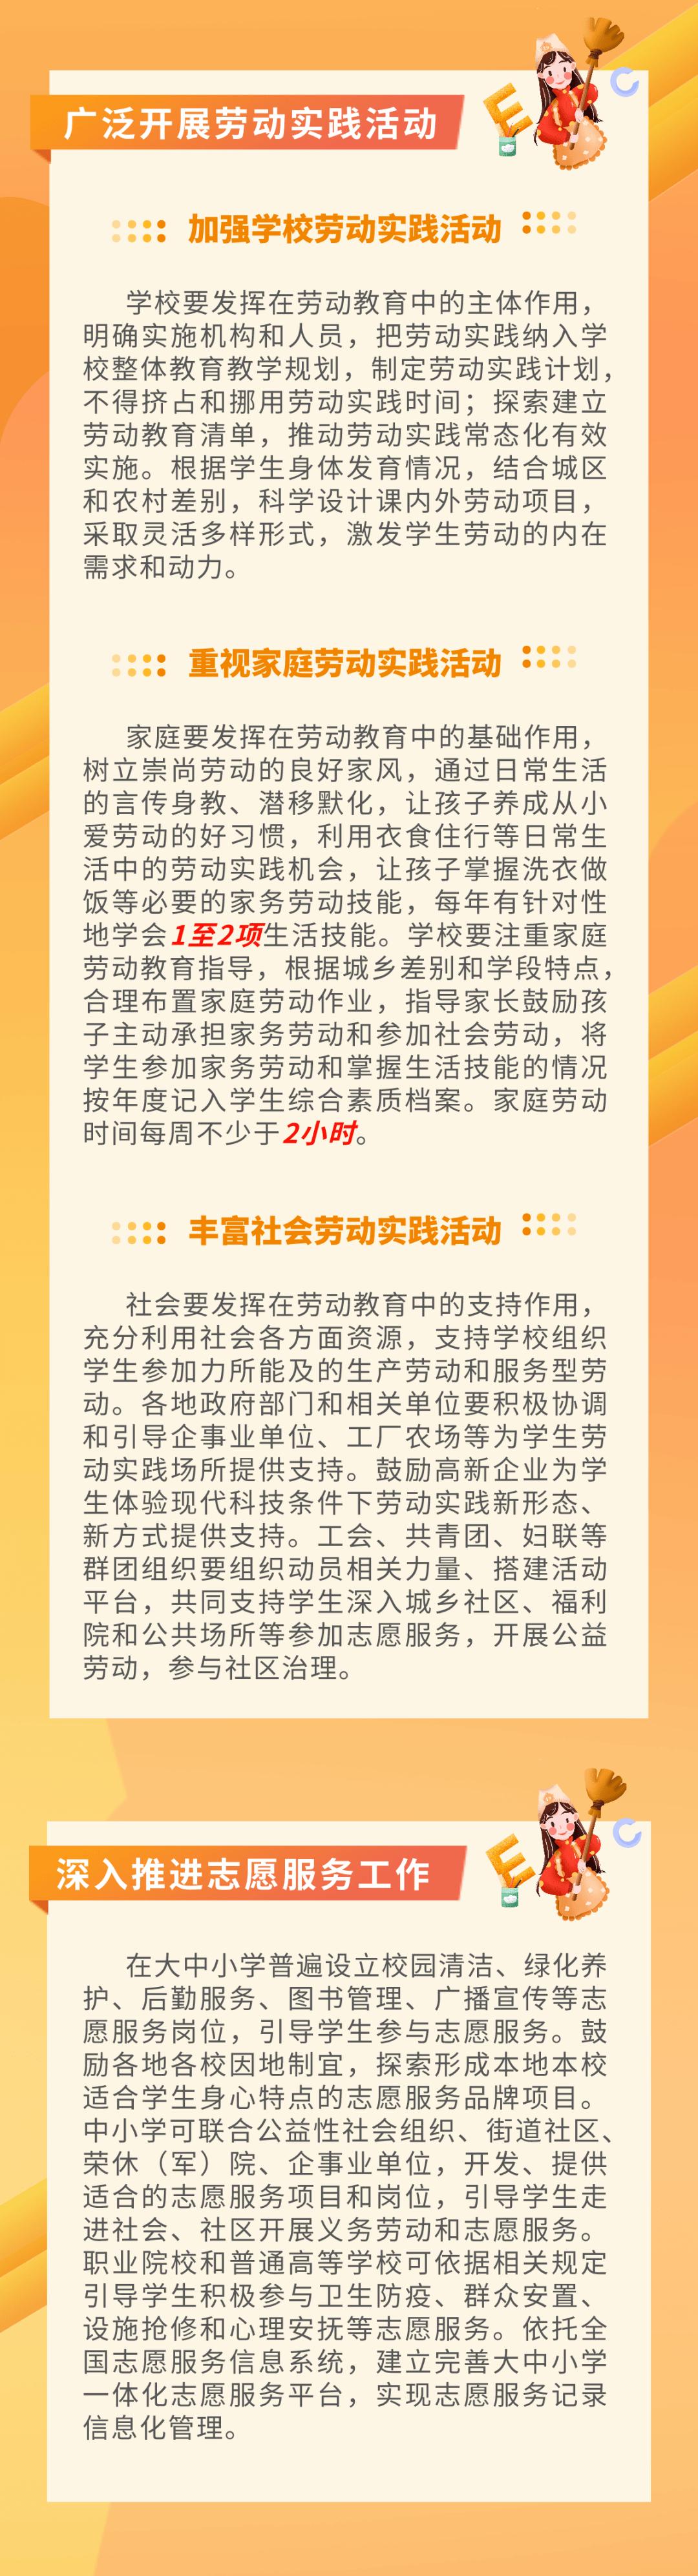 【1017丨教育】重磅!10部门联合发文!四川大中小学都要开设这门课